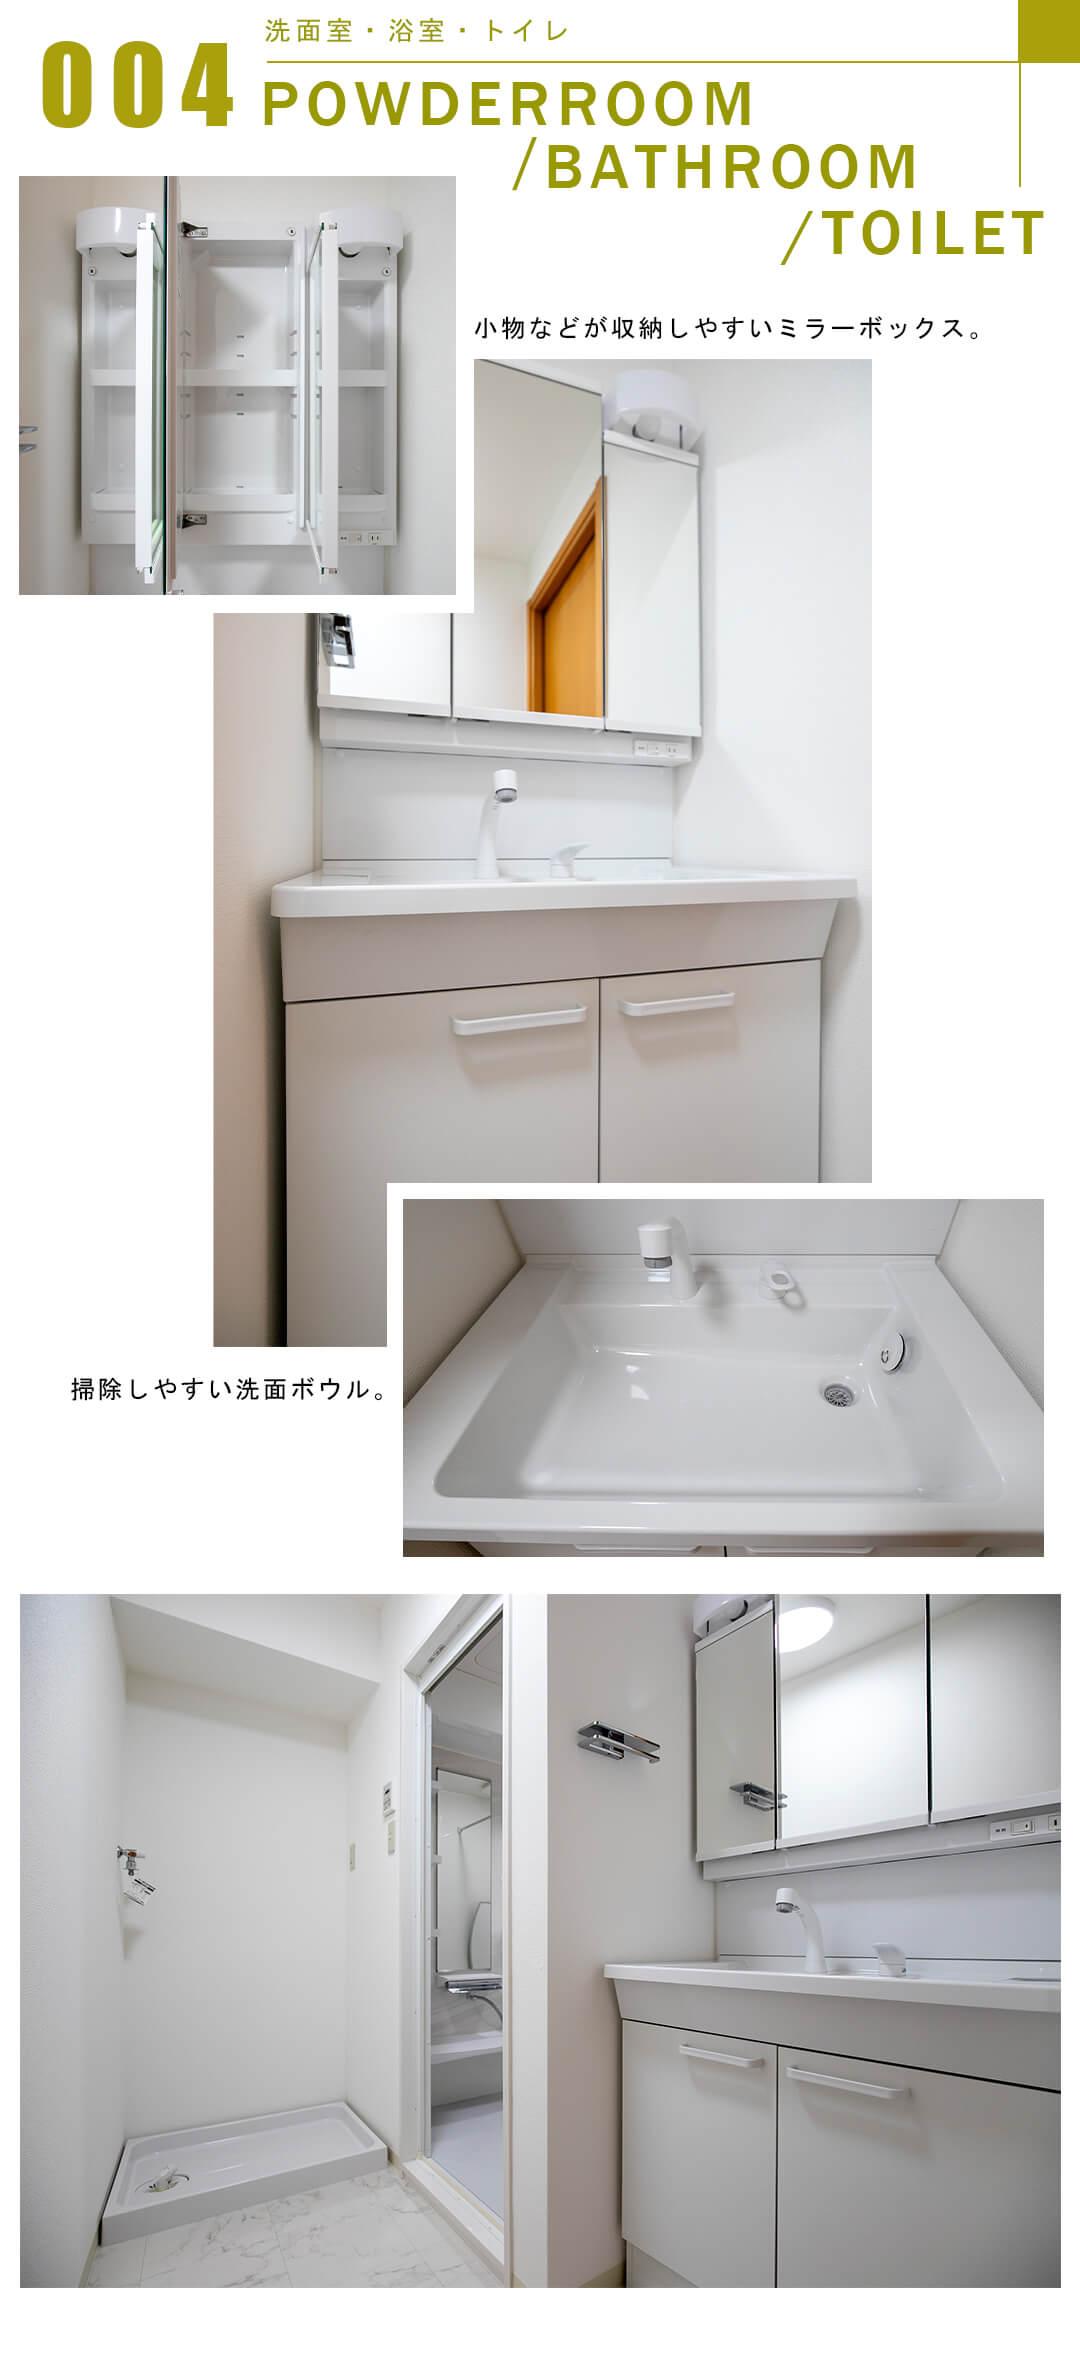 004洗面室,浴室,トイレ,POWDERROOM,BATHROOM,TOILET